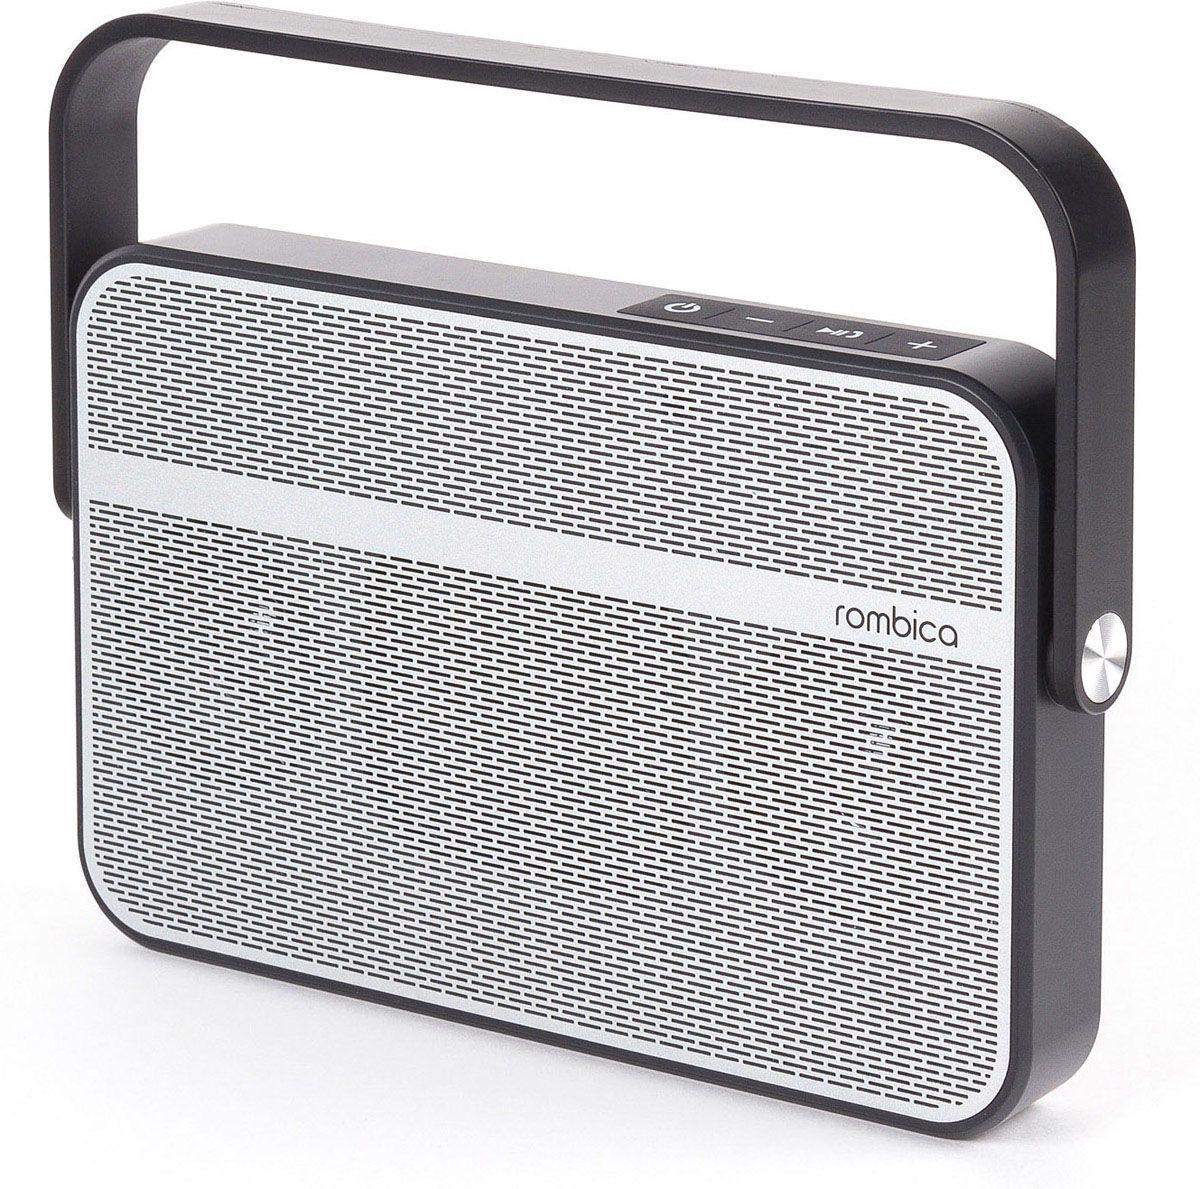 Rombica MySound BT-18, Gray Black портативная акустическая системаSBT-00180Аудиопроигрыватель Rombica MySound BT-18 совместим со всеми популярными устройствами с поддержкой Bluetooth, а также воспроизводит музыку через аудиовход. Встроенный сабвуфер дает глубокий и насыщенный бас. Удобная ручка поворачивается на 360 градусов. Емкий аккумулятор 2200 мАч обеспечивает долгую работу. Rombica MySound BT-18 имеет встроенный микрофон для приема звонков. Диаметр широкополосного динамика: 50 мм